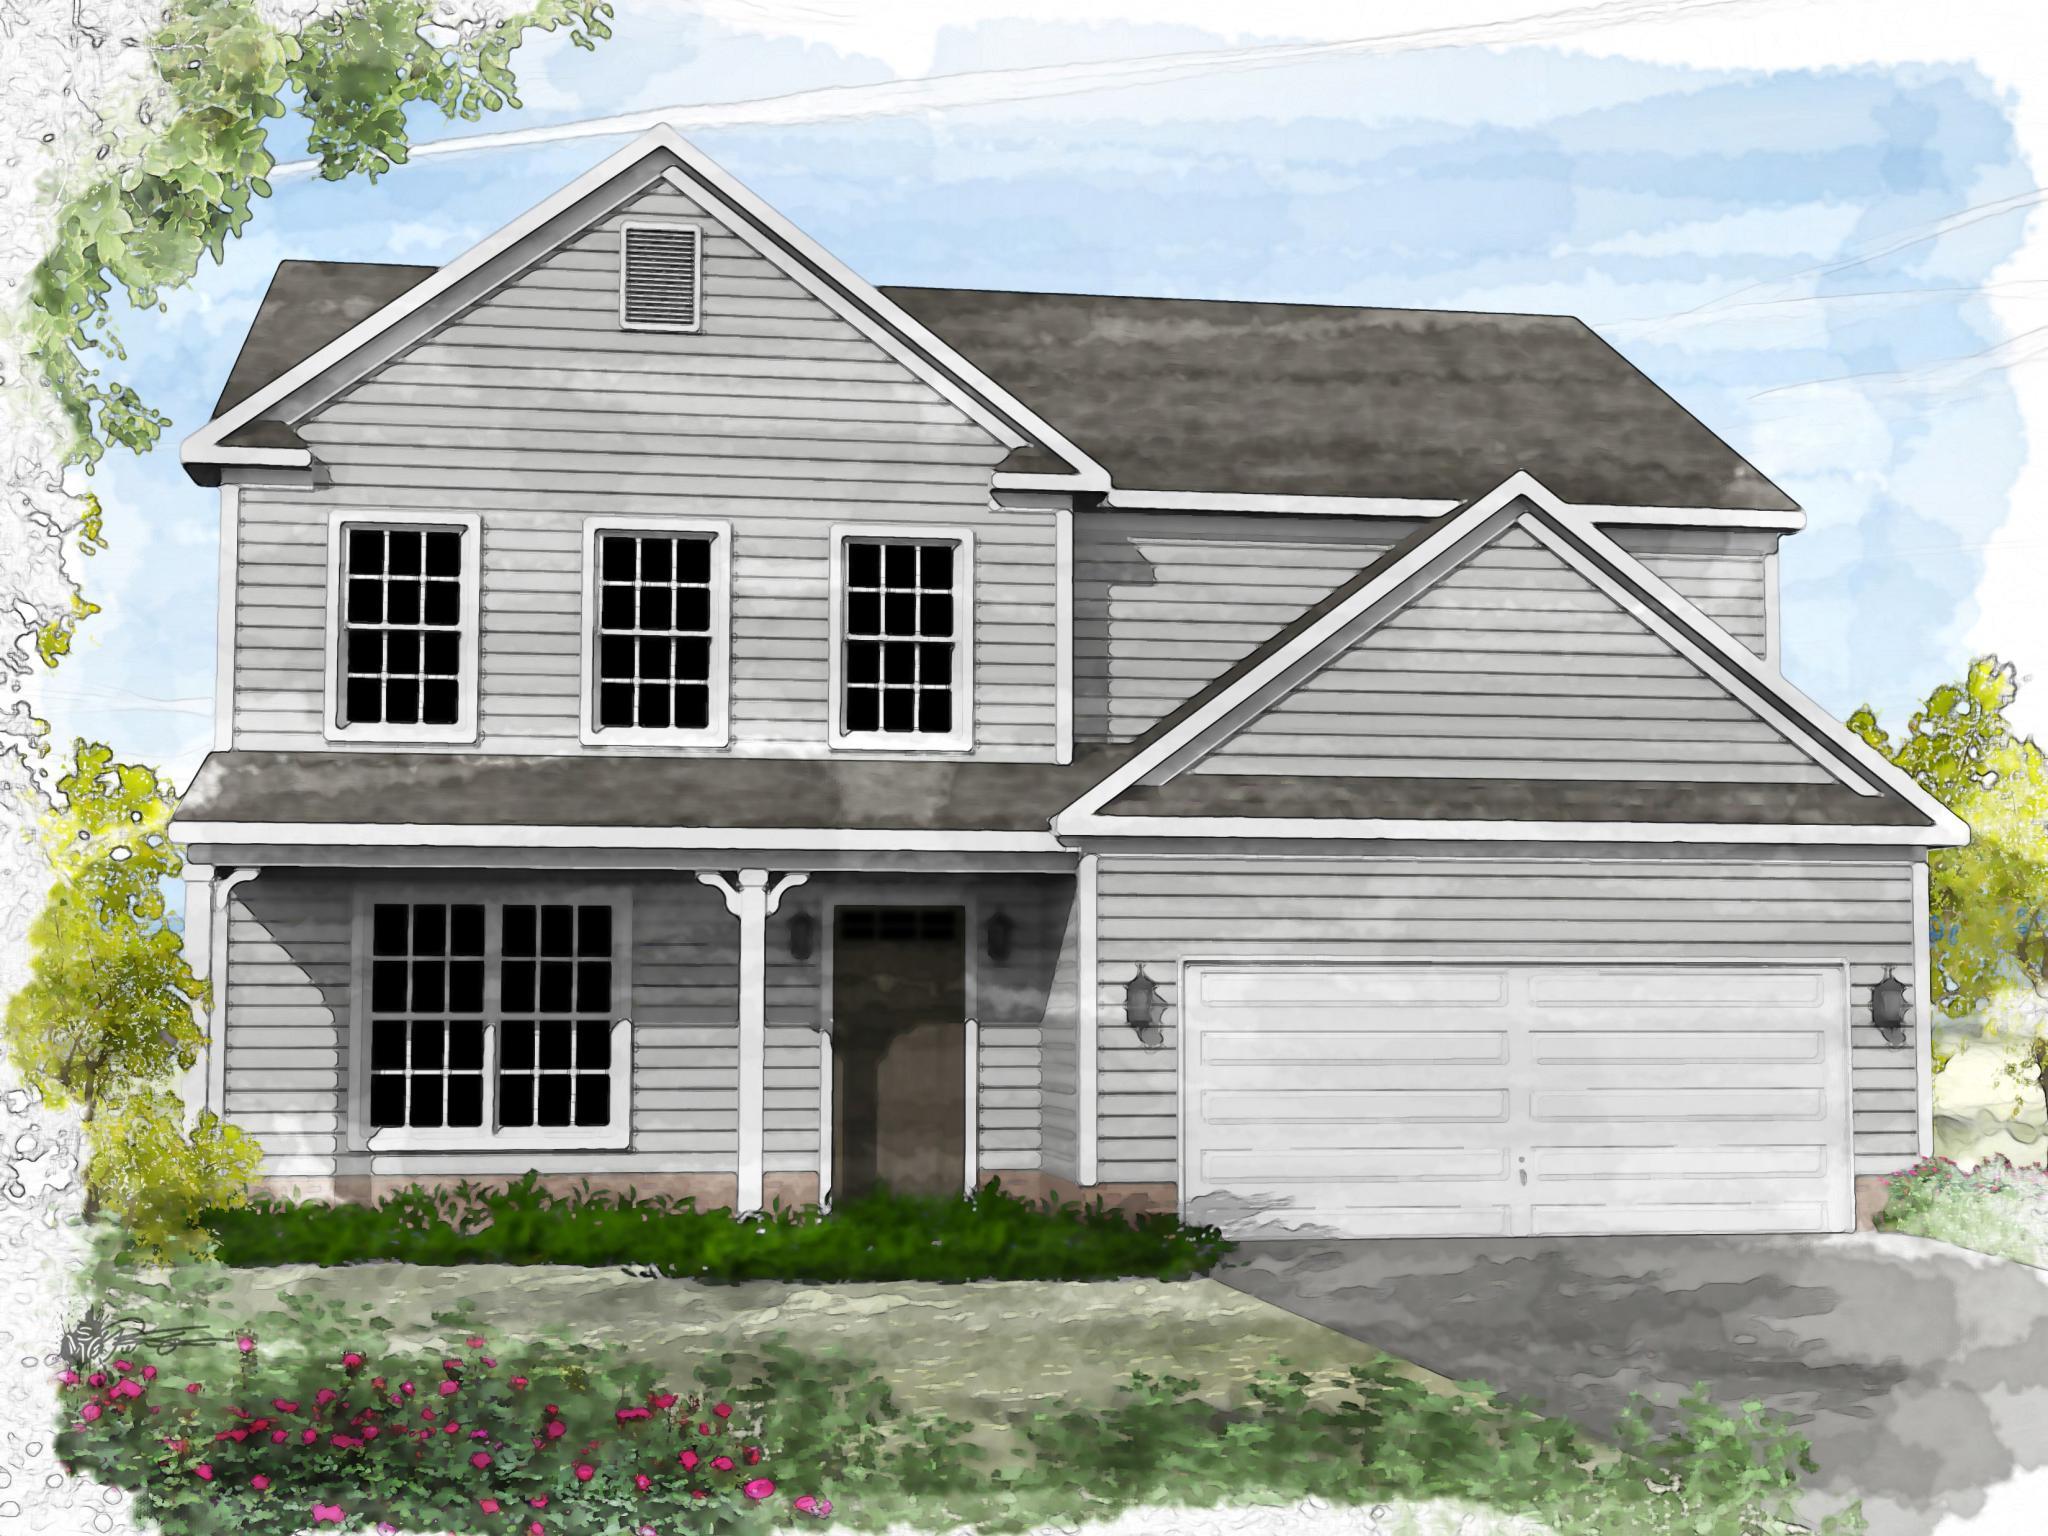 The Morgan Plan, Youngsville, NC 27596 - 2 Bed, 2 5 Bath Single-Family Home  - 4 Photos   Trulia